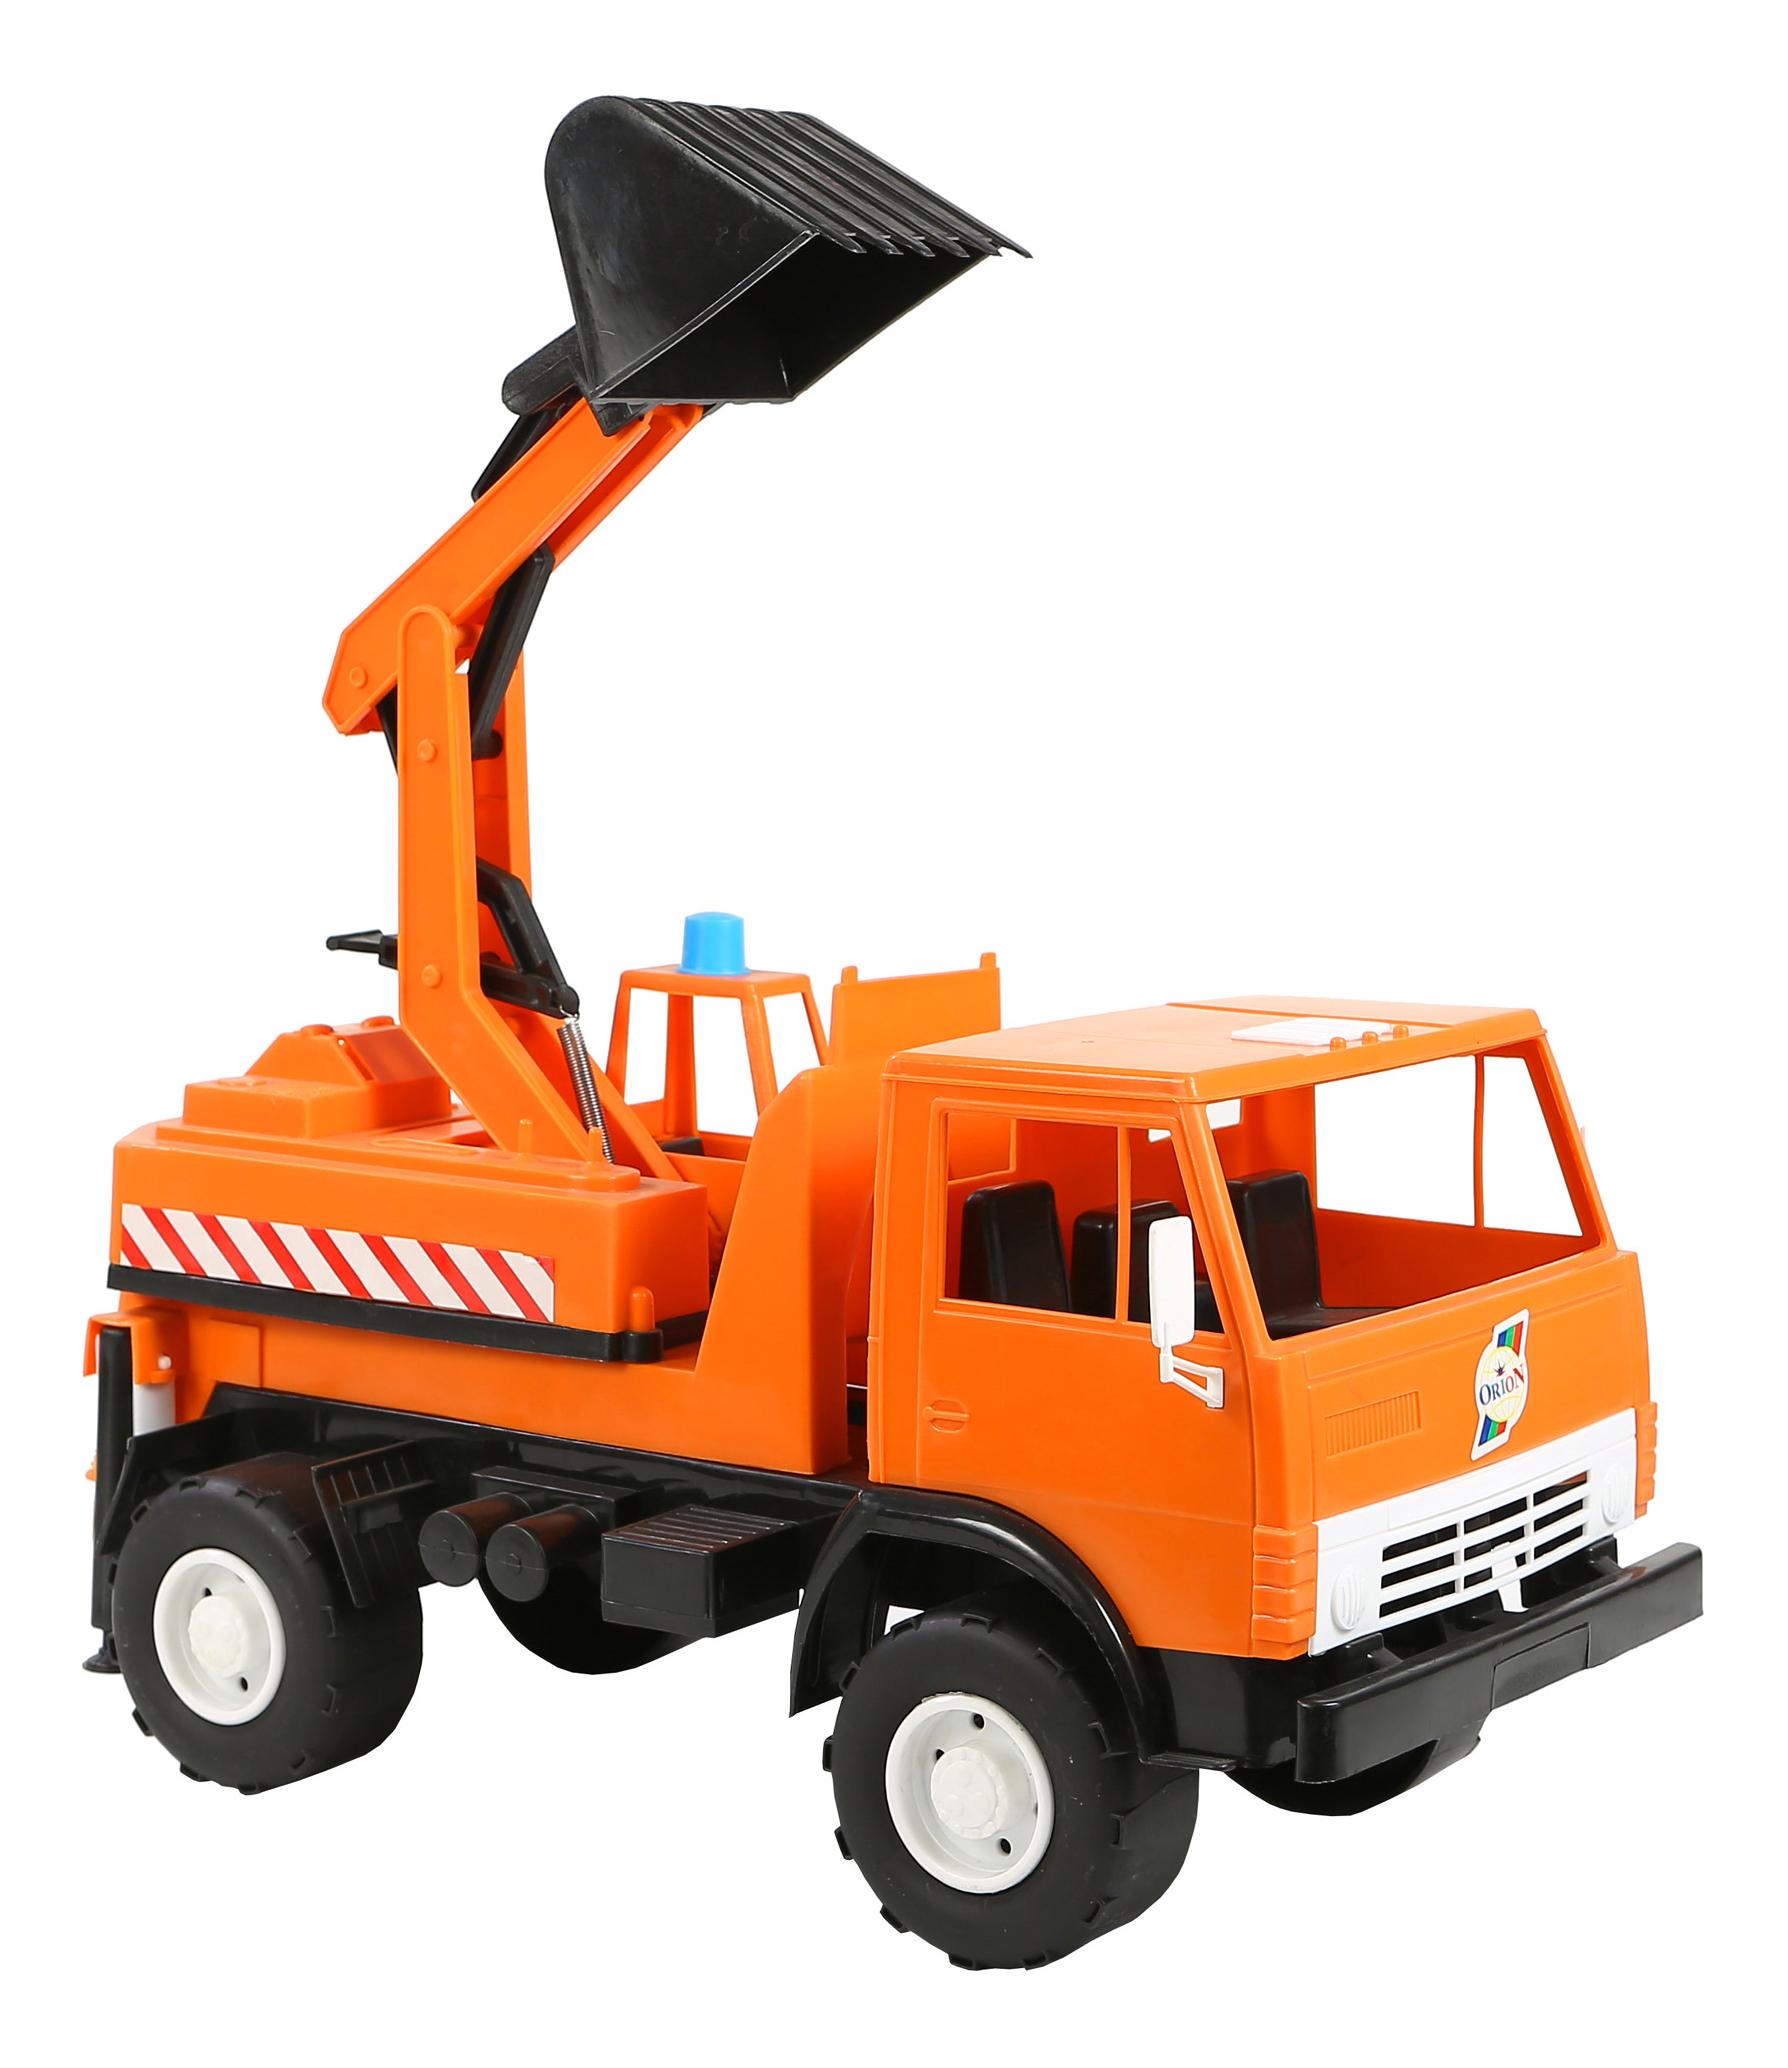 Купить Спецтехника Orion Toys Экскаватор, Строительная техника